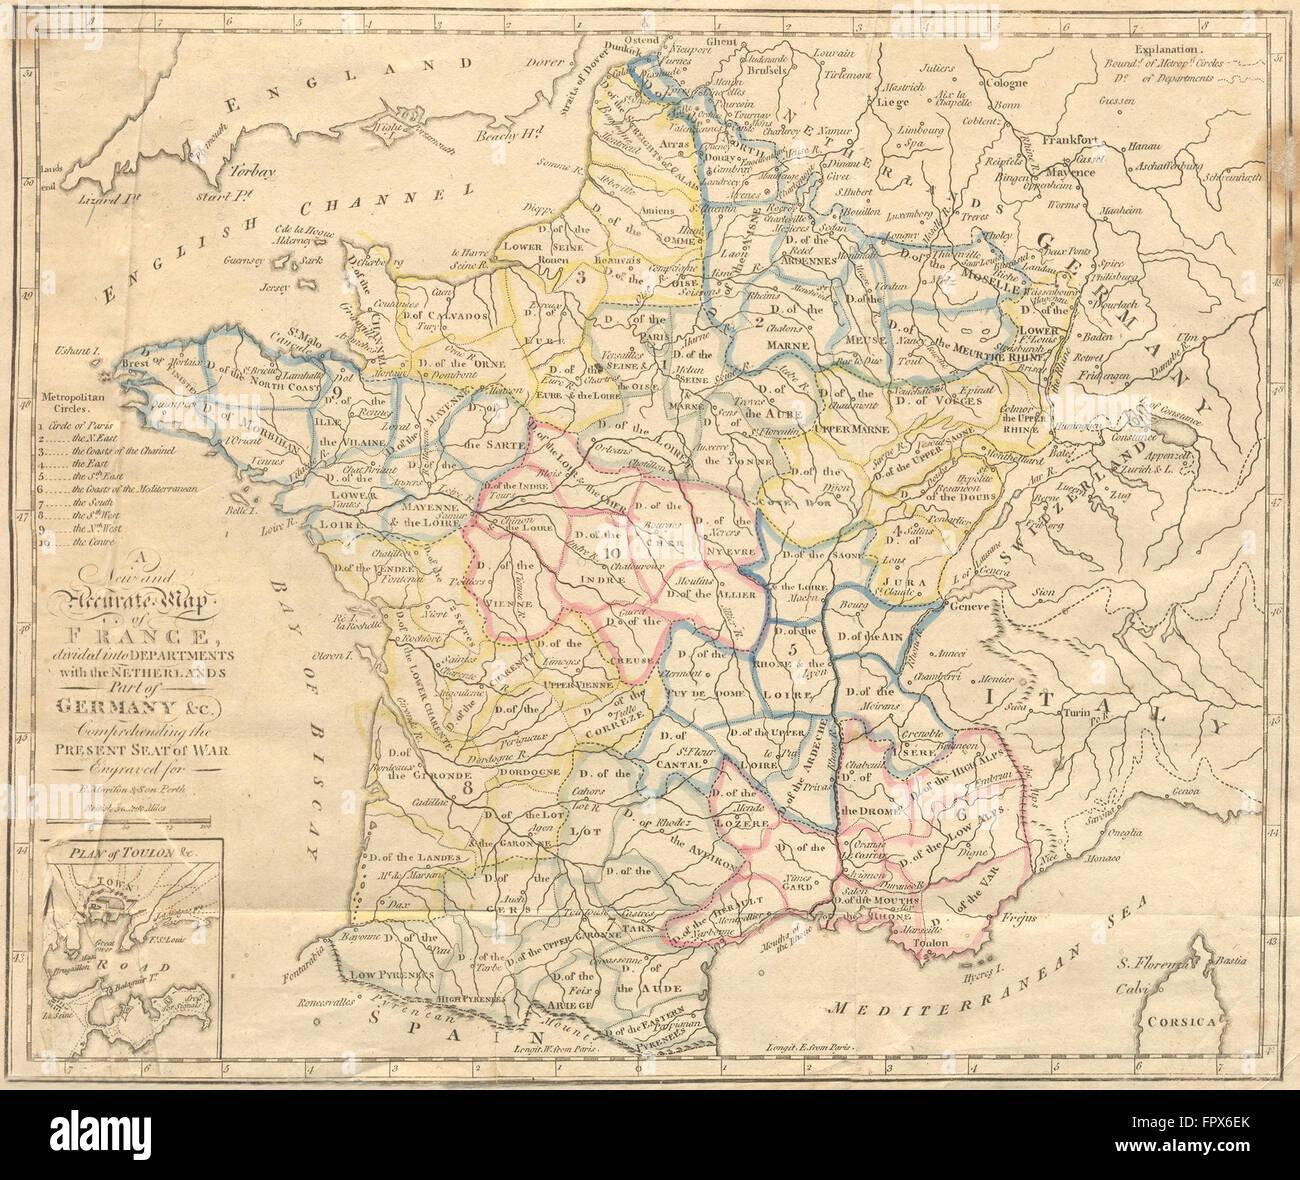 FRANCE Departements Toulon inset AITCHISON 1798 antique map